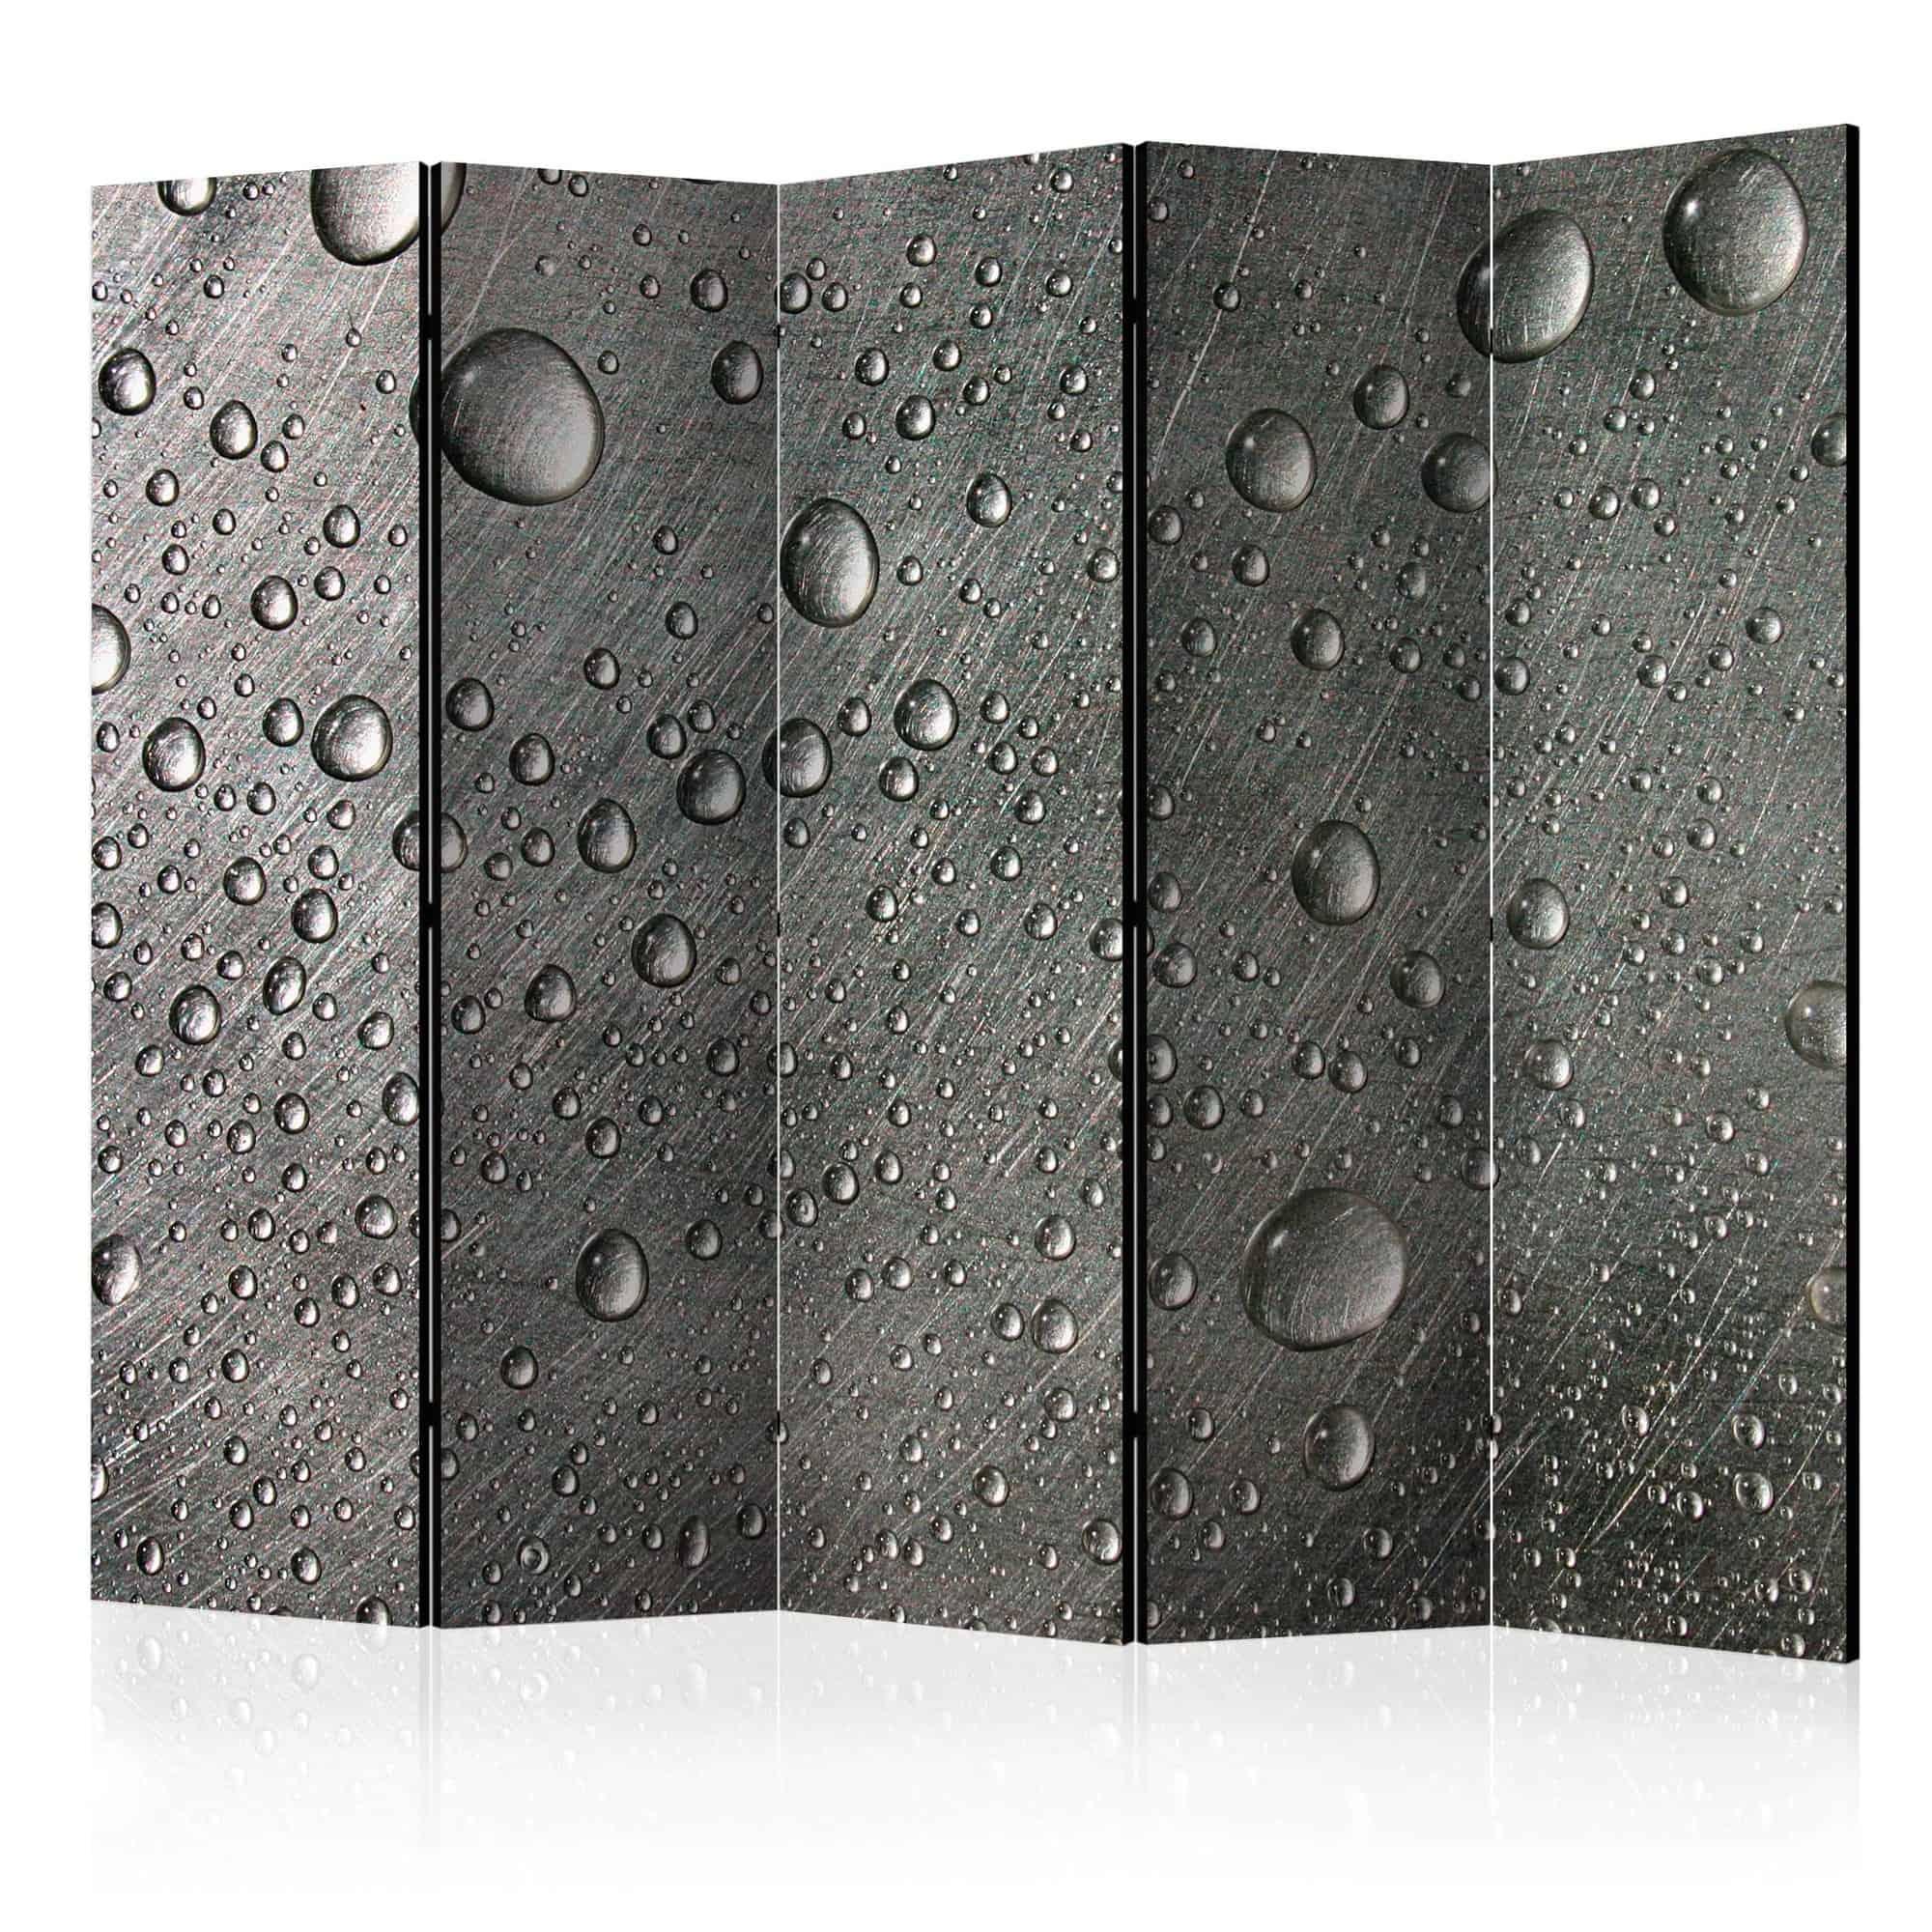 Skærmvæg Steel surface with water drops II